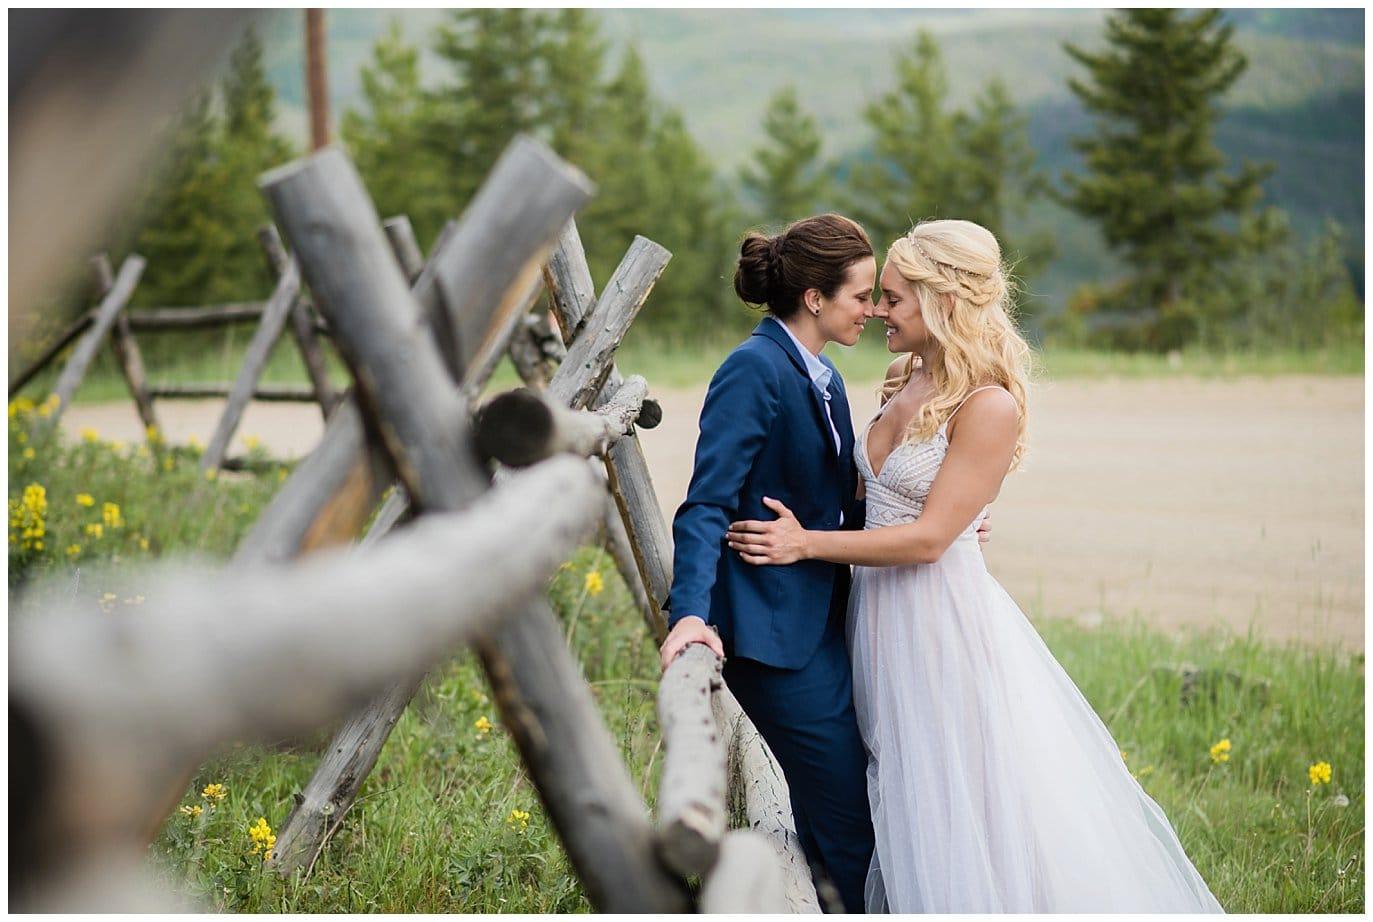 Romantic outdoor mountain wedding photo